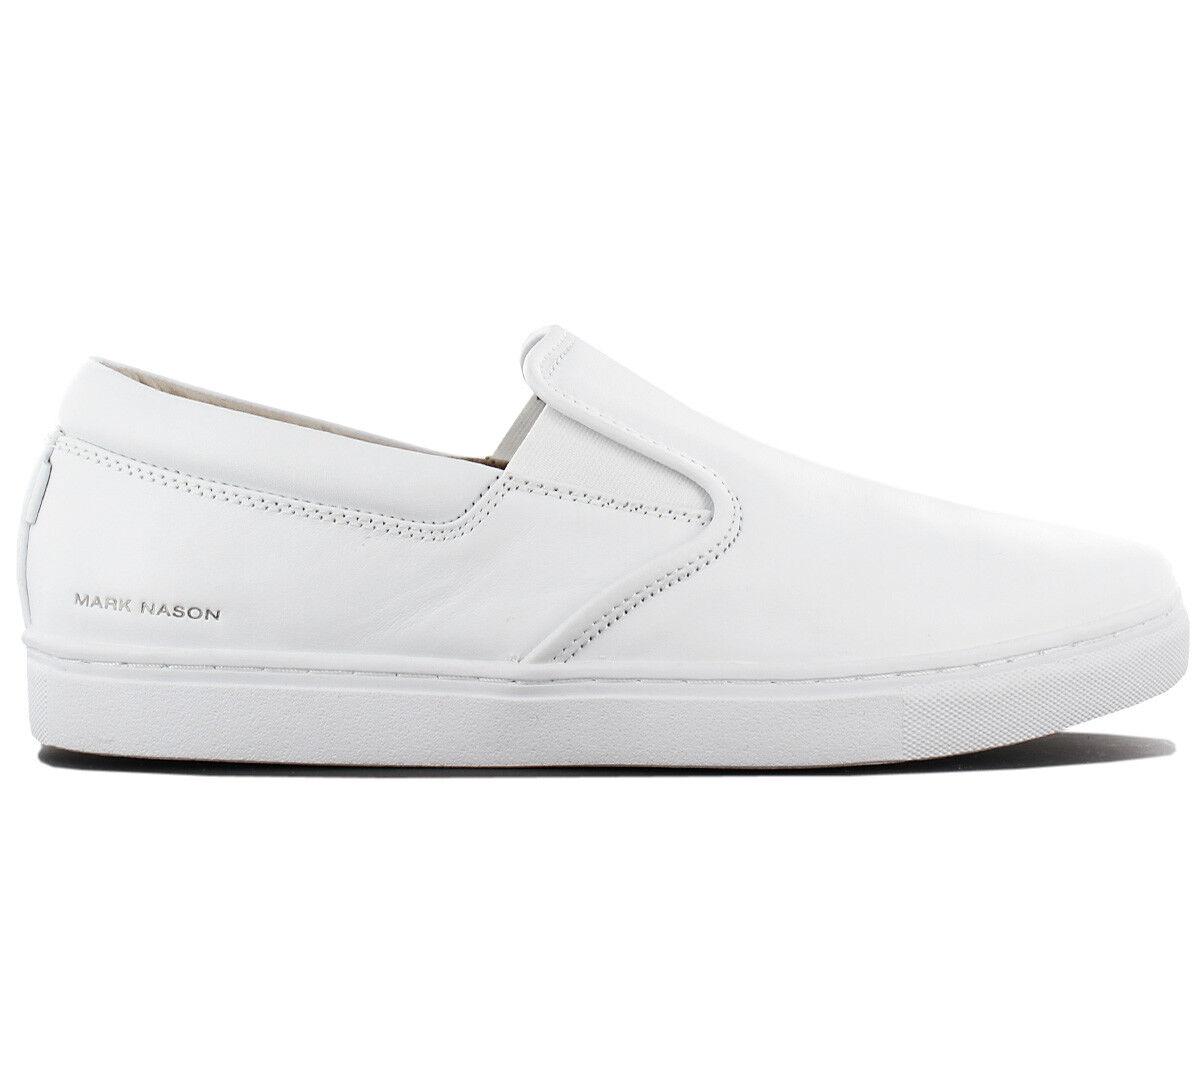 Skechers Mark Nason Los Angeles Schuhe Gower Slip-On Herren Sneaker Schuhe Angeles 68509-WHT 6a5dfd